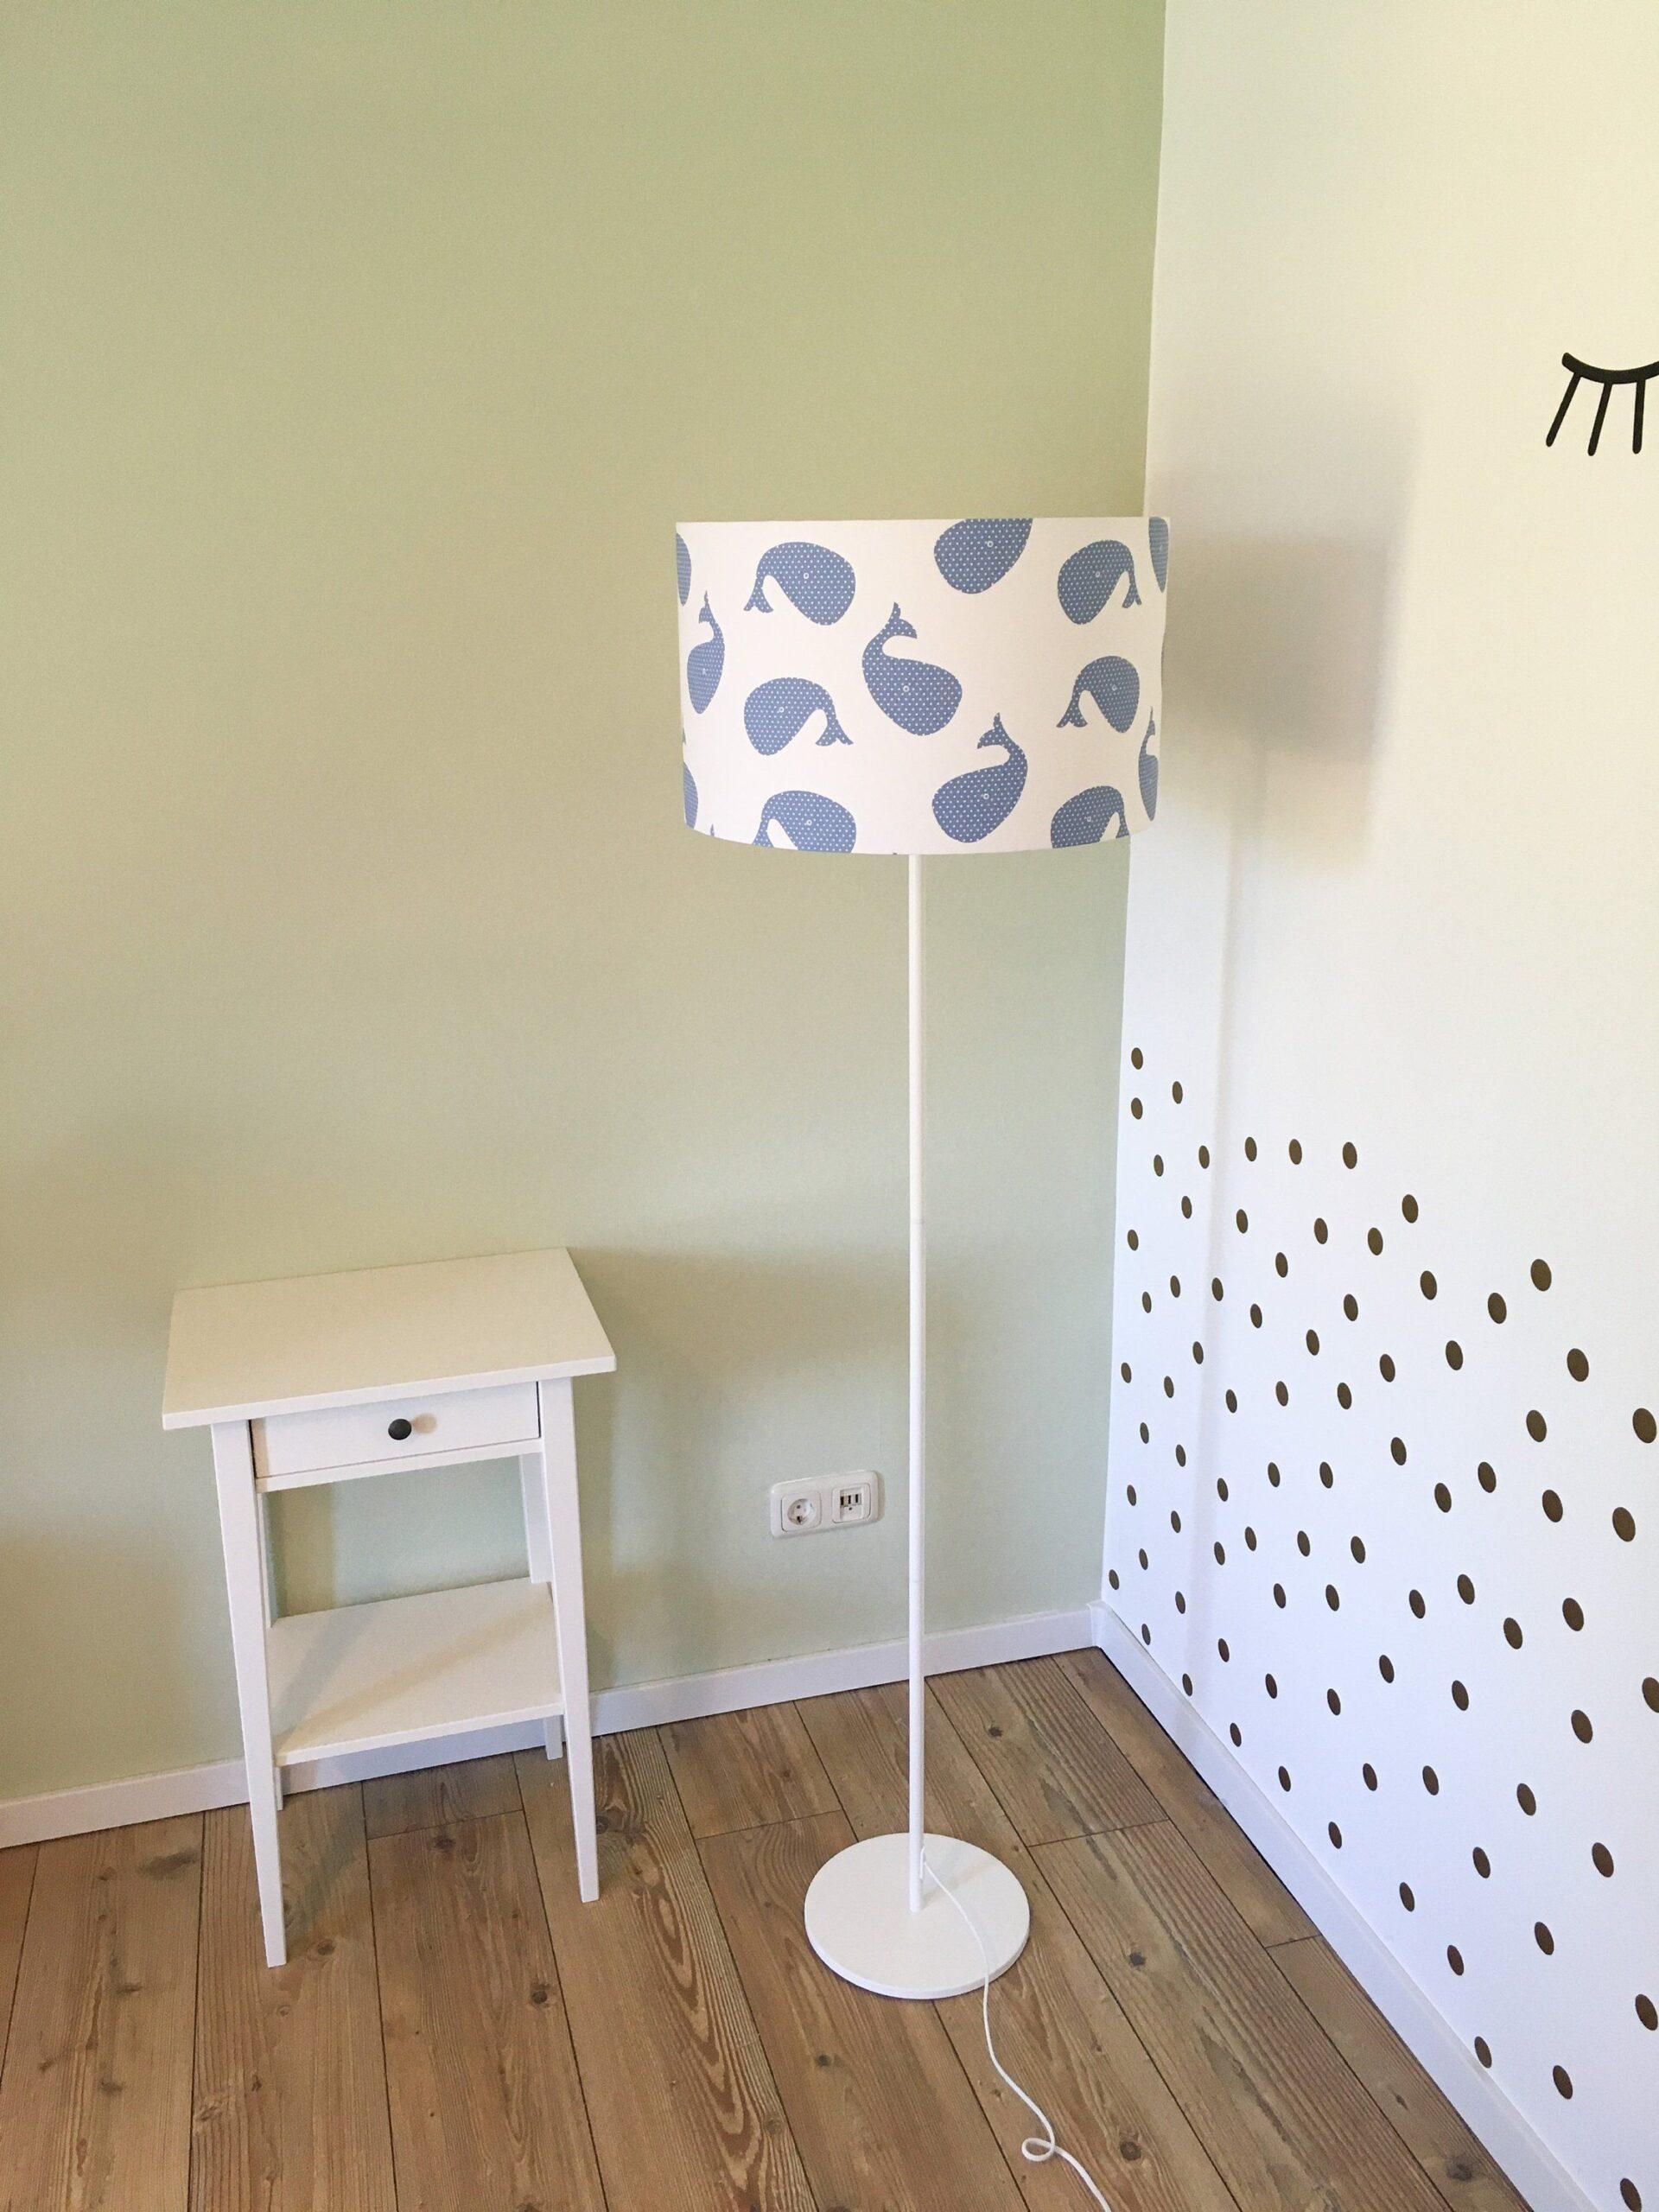 Full Size of Stehlampe Kinderzimmer Wale Sofa Schlafzimmer Regal Wohnzimmer Stehlampen Weiß Regale Kinderzimmer Stehlampe Kinderzimmer